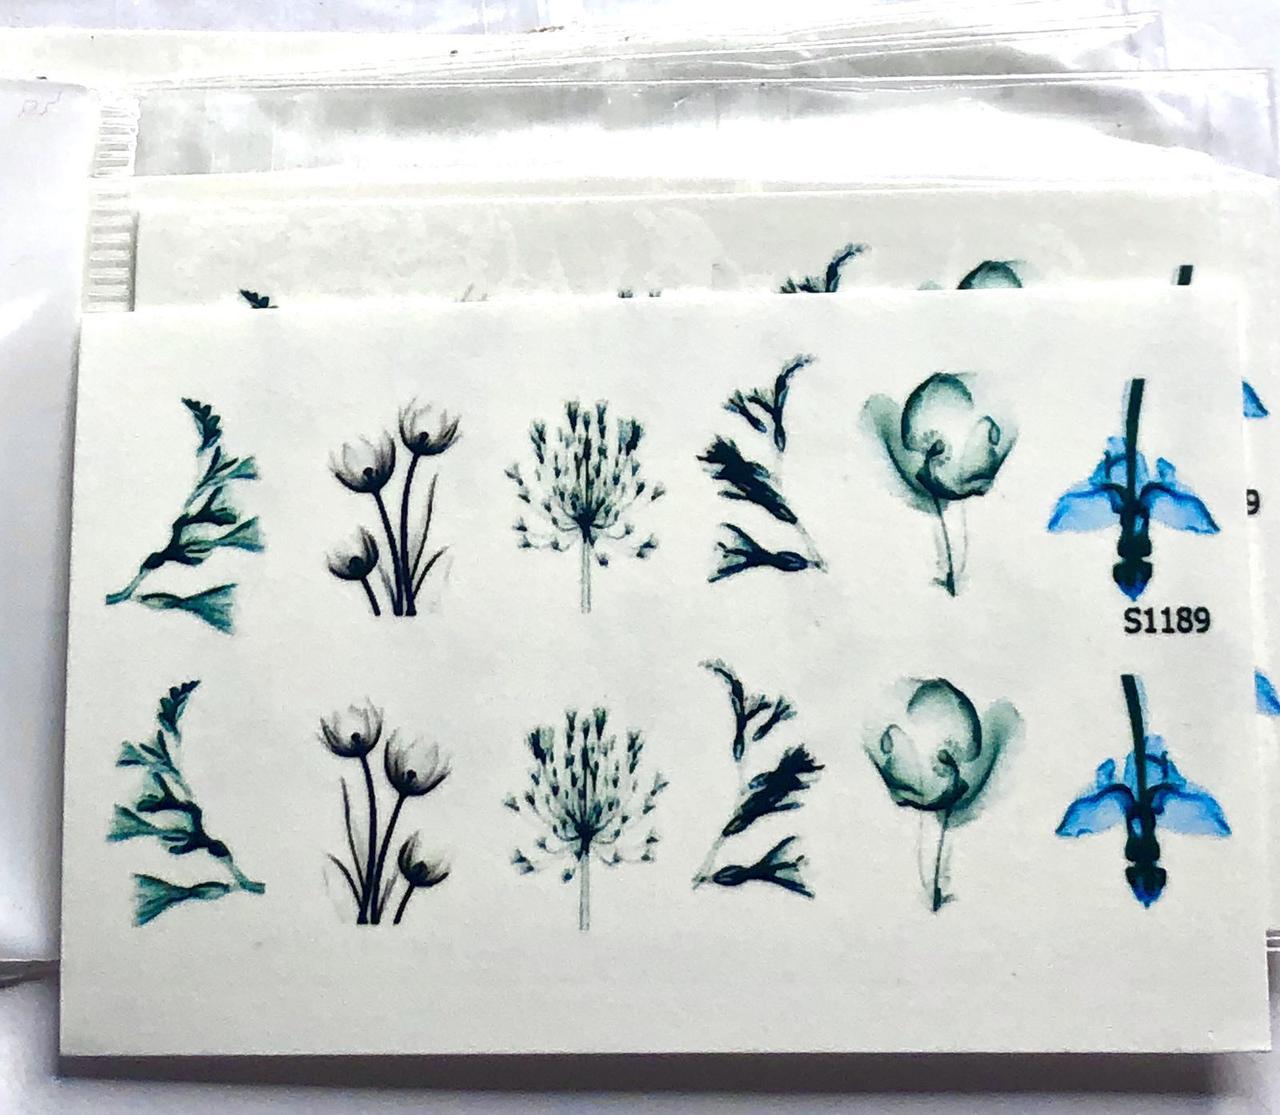 Слайдер-дизайн (водные наклейки, фотодизайн)  S 1189